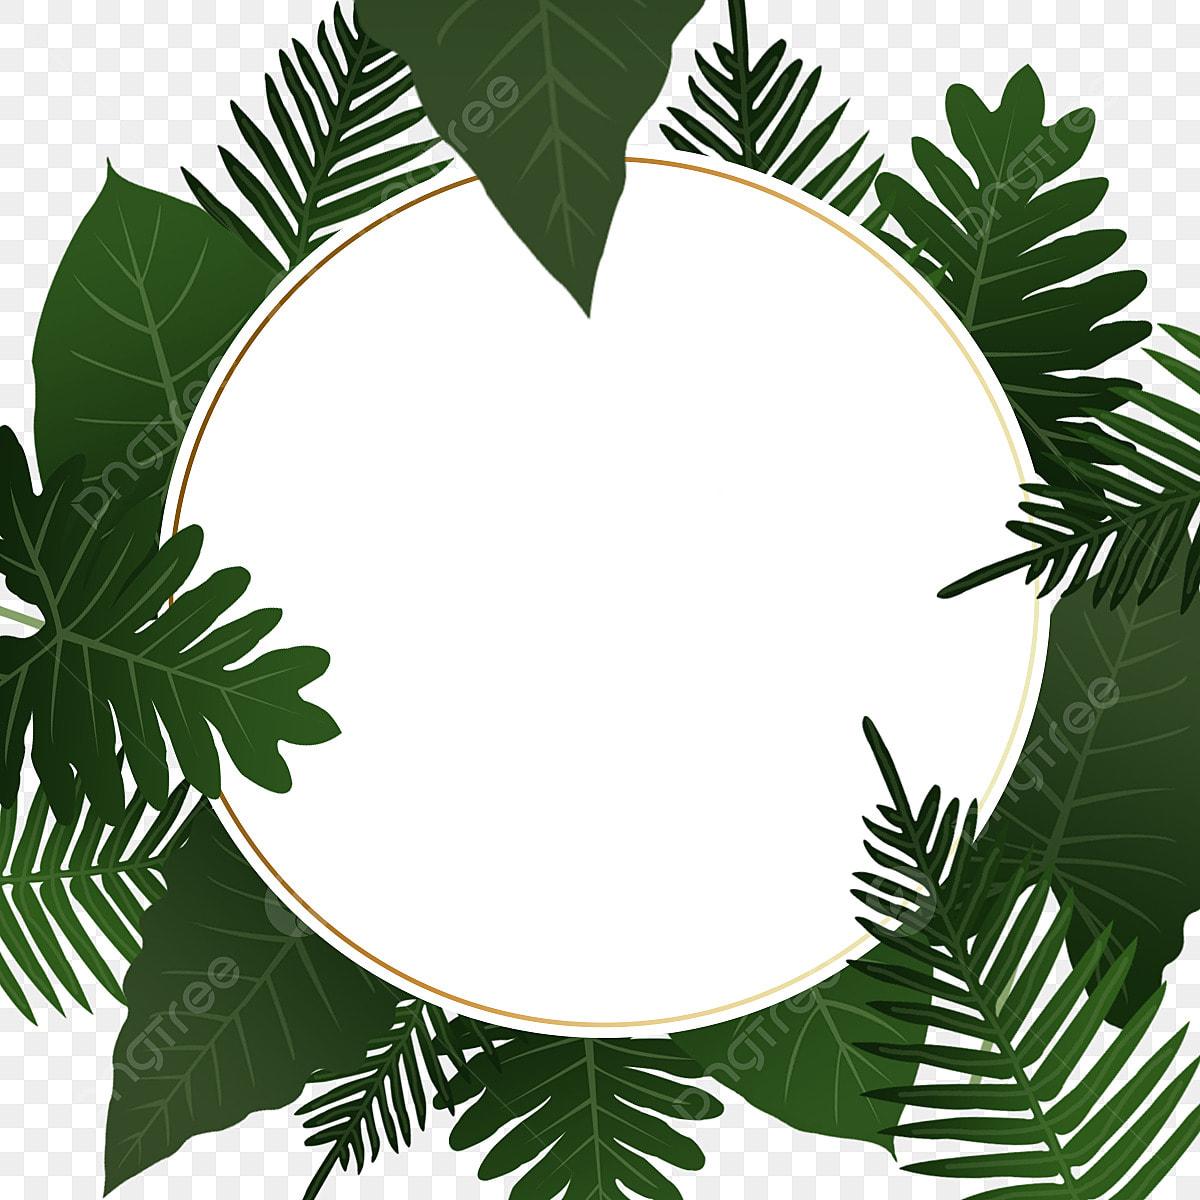 إطار دائري أخضر الإطار أوراق استوائية أخضر Png وملف Psd للتحميل مجانا